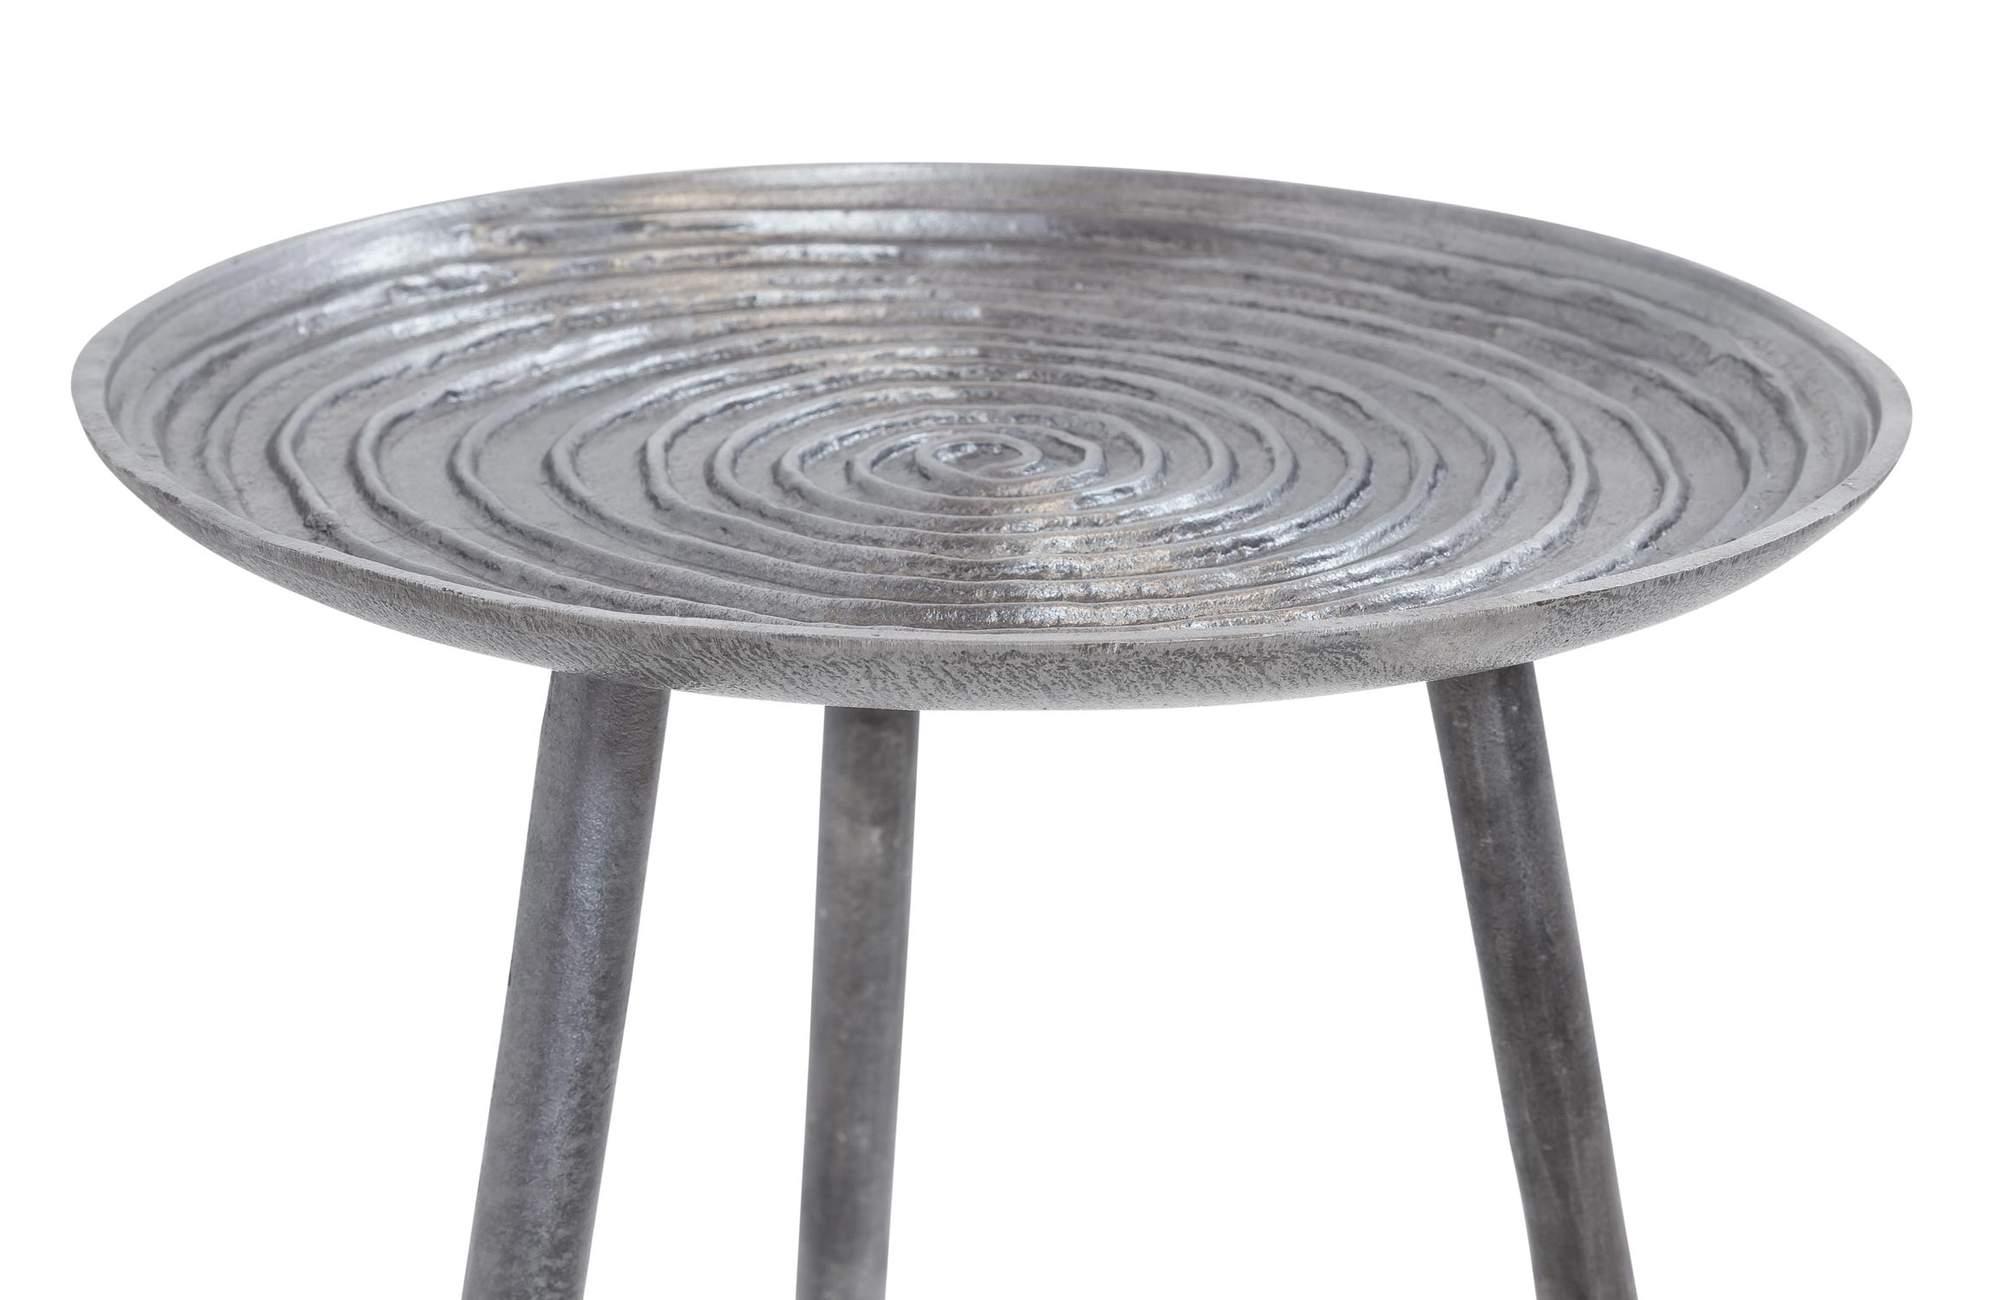 Beistelltisch metall  Beistelltisch SPIRAL 2er-Set Metall Platte